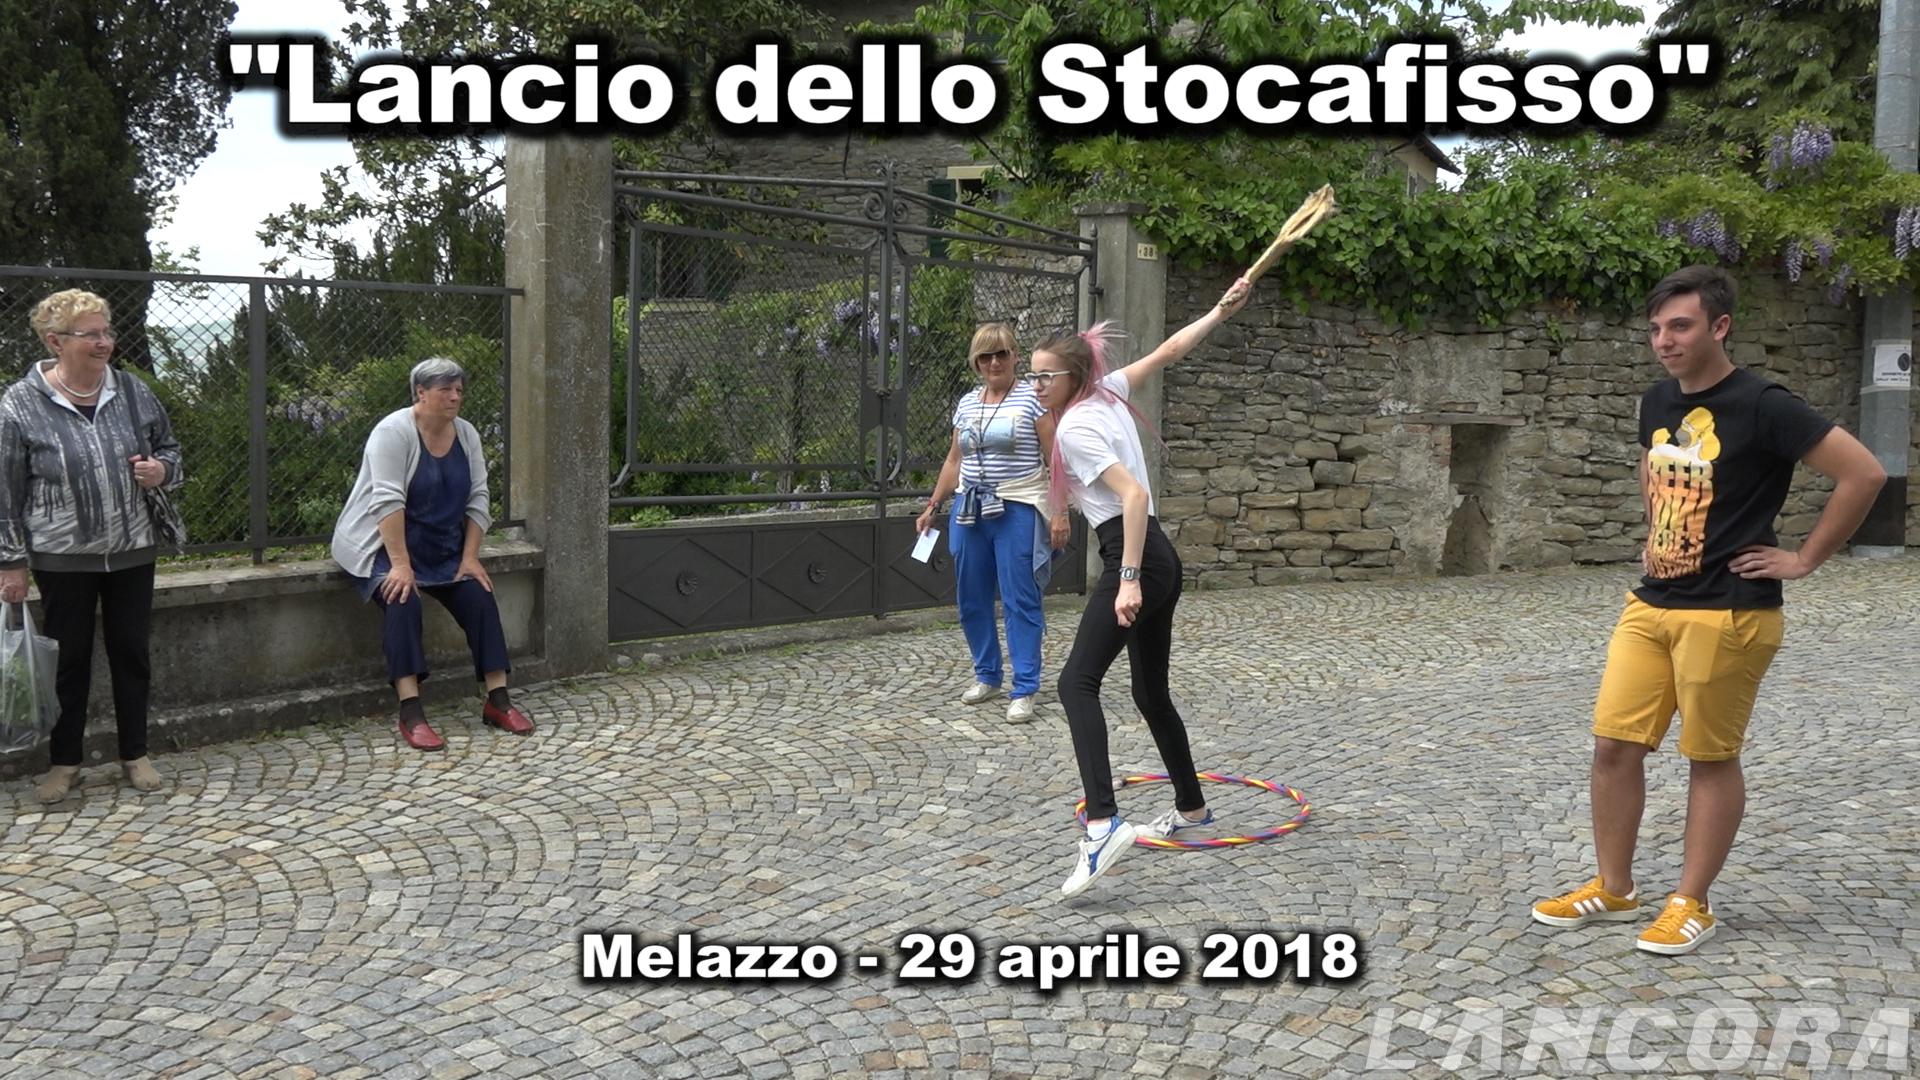 Melazzo - Lancio dello stocafisso 2018 (VIDEO)